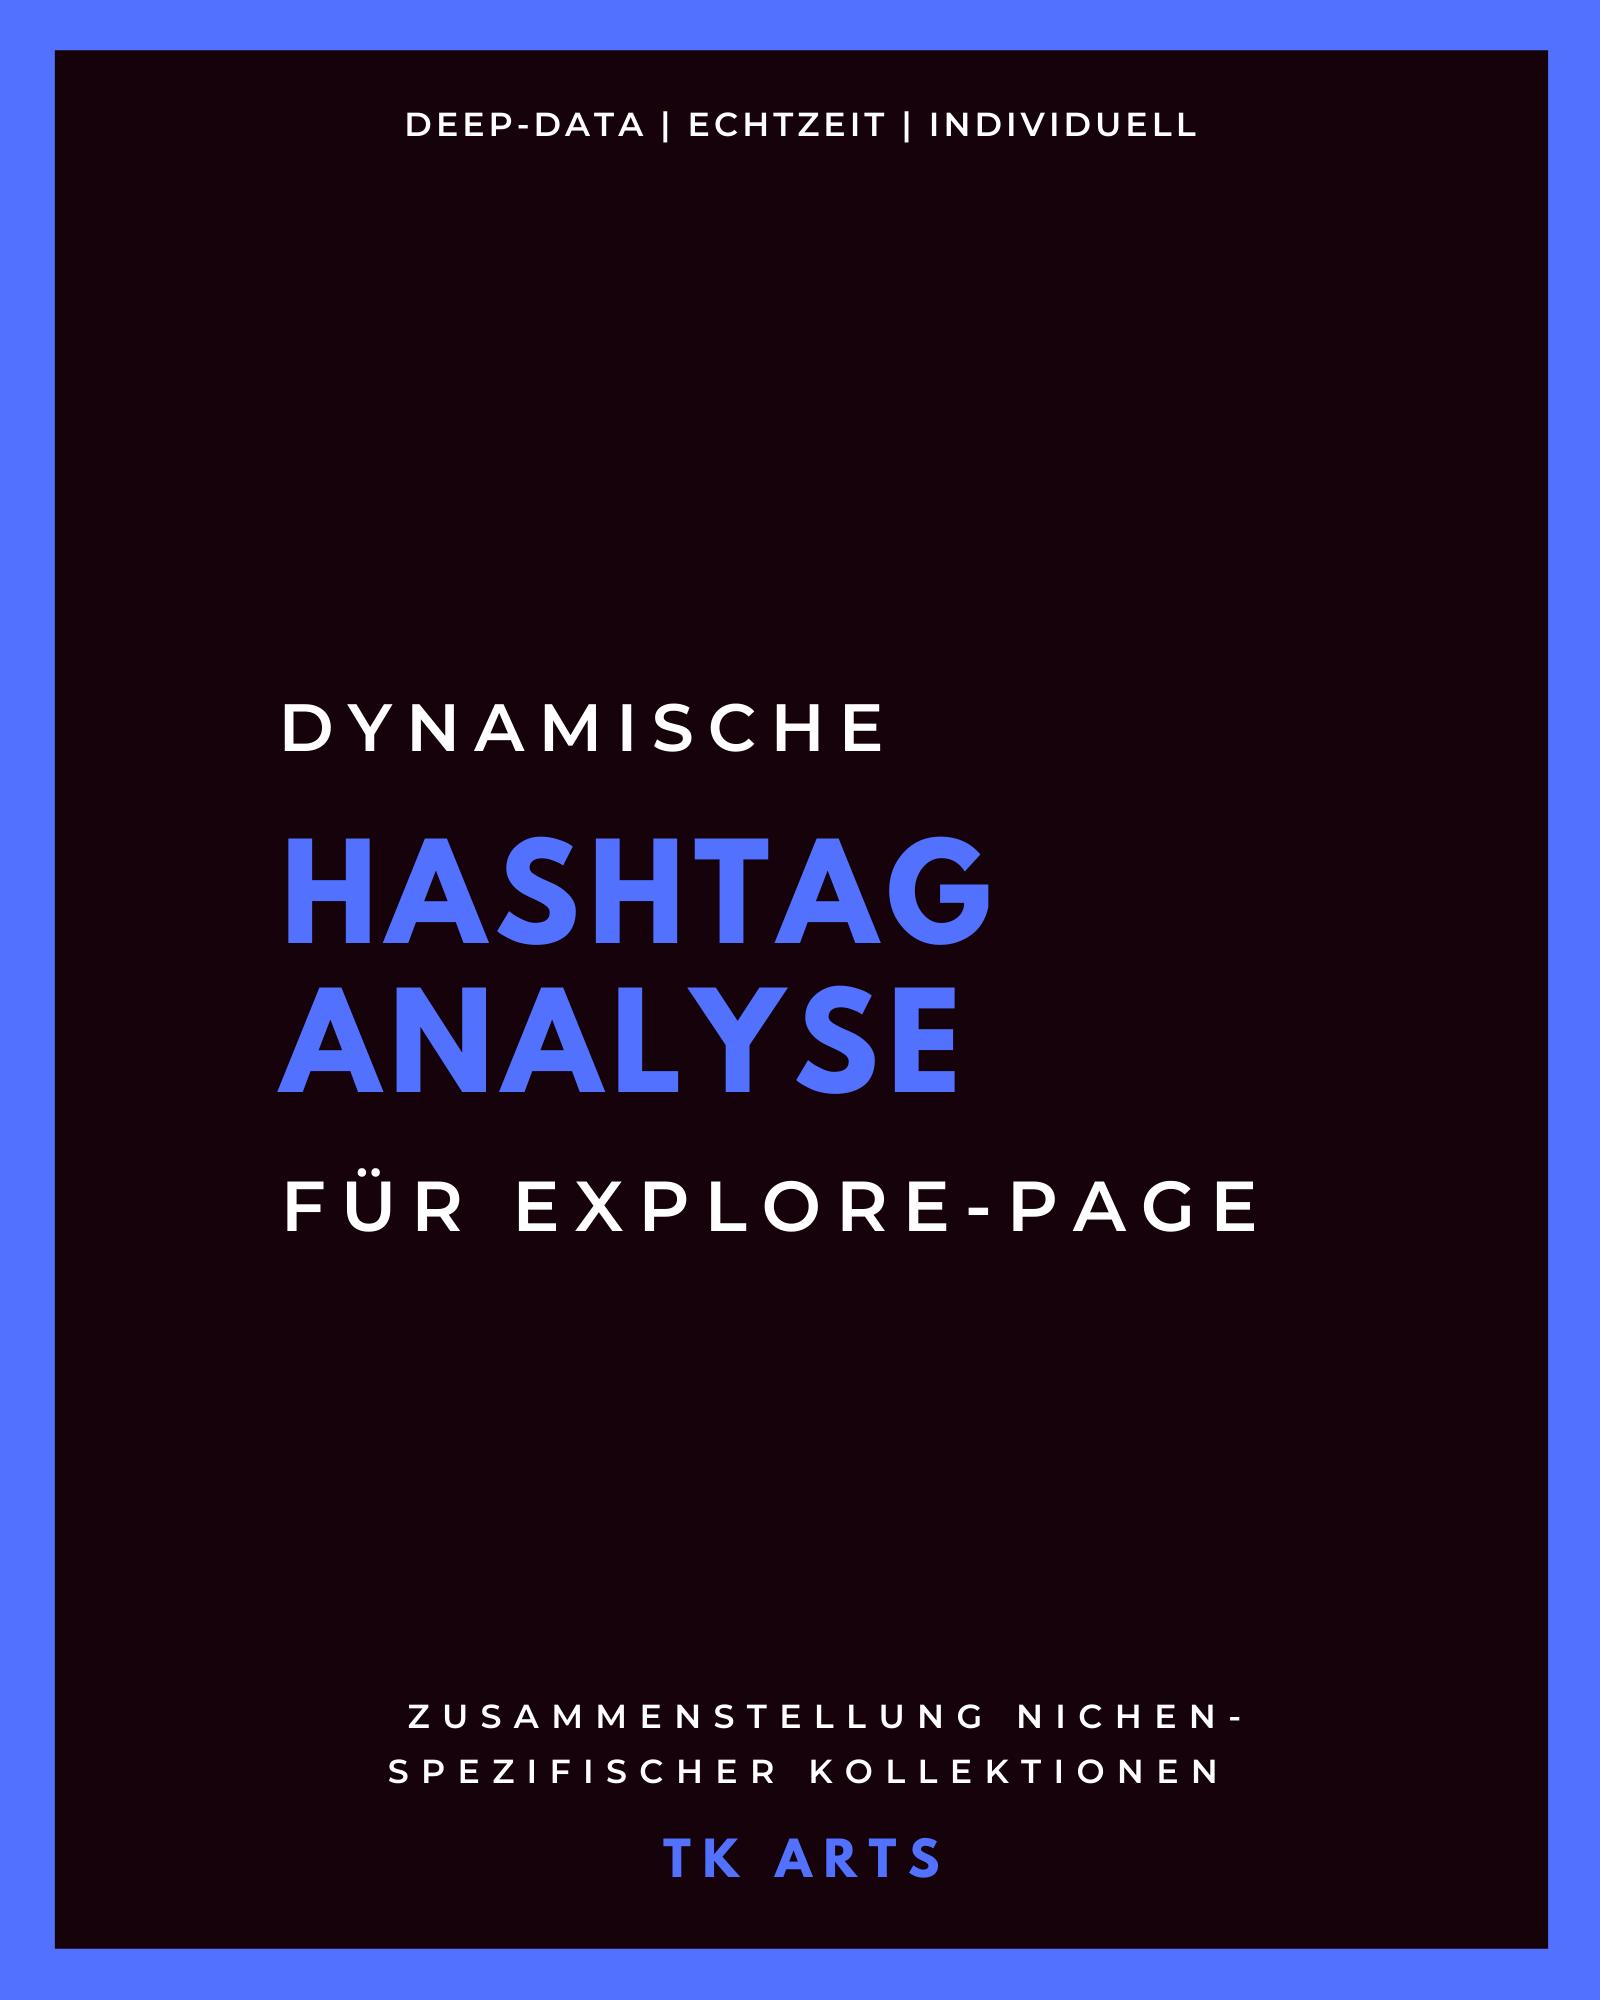 hashtag, analysis